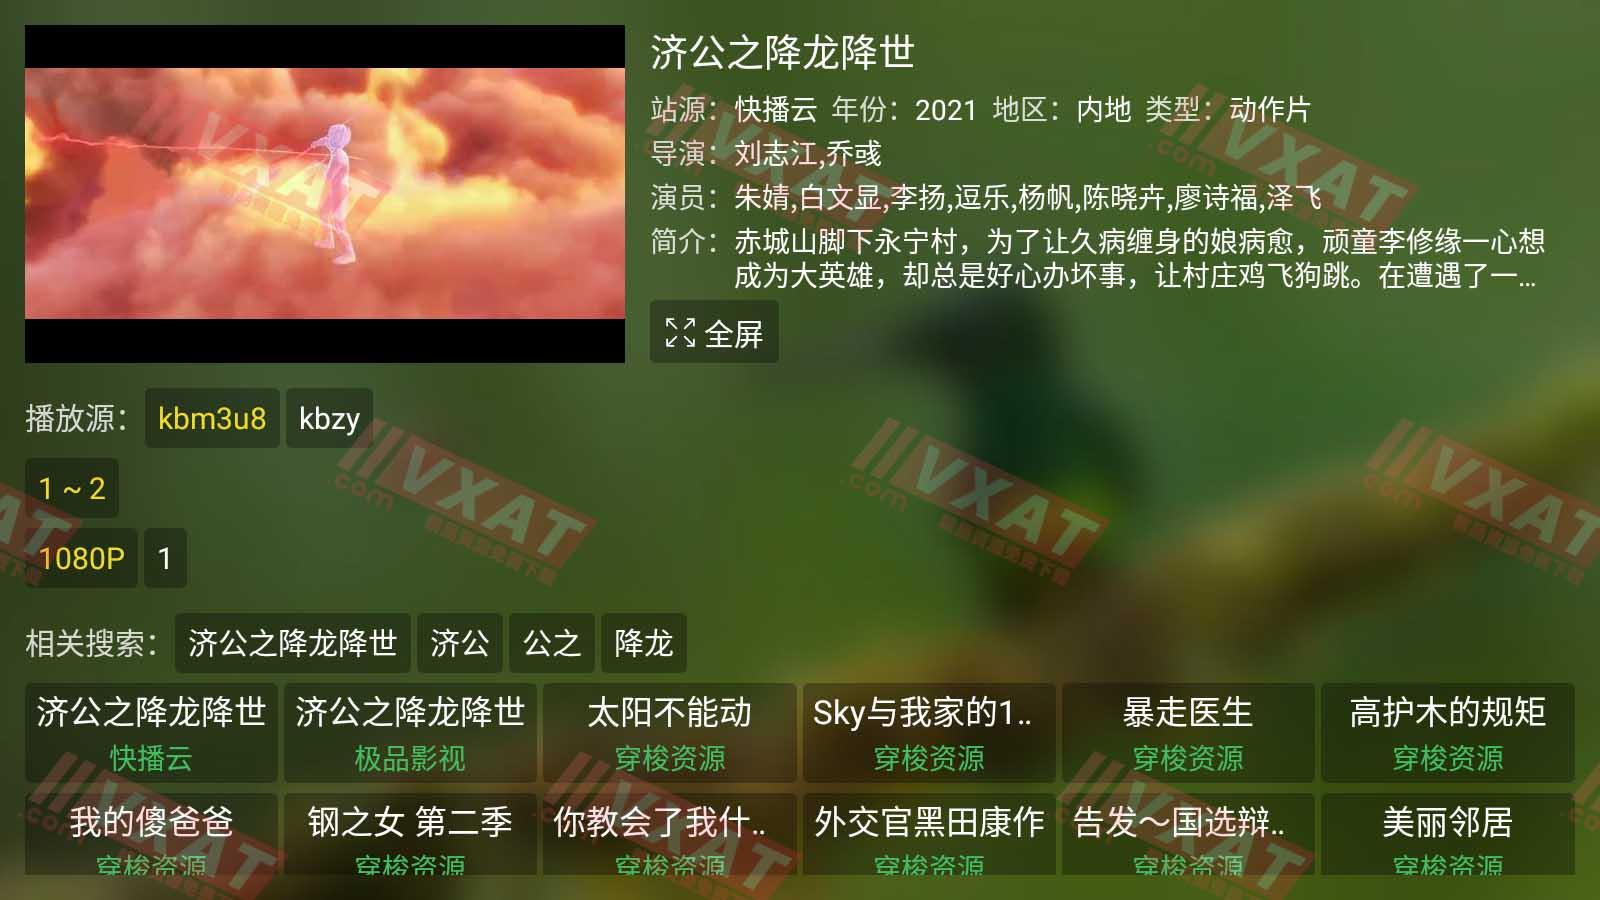 猫影视TV_v2.0.4 电视官方版 新增数据源 第5张